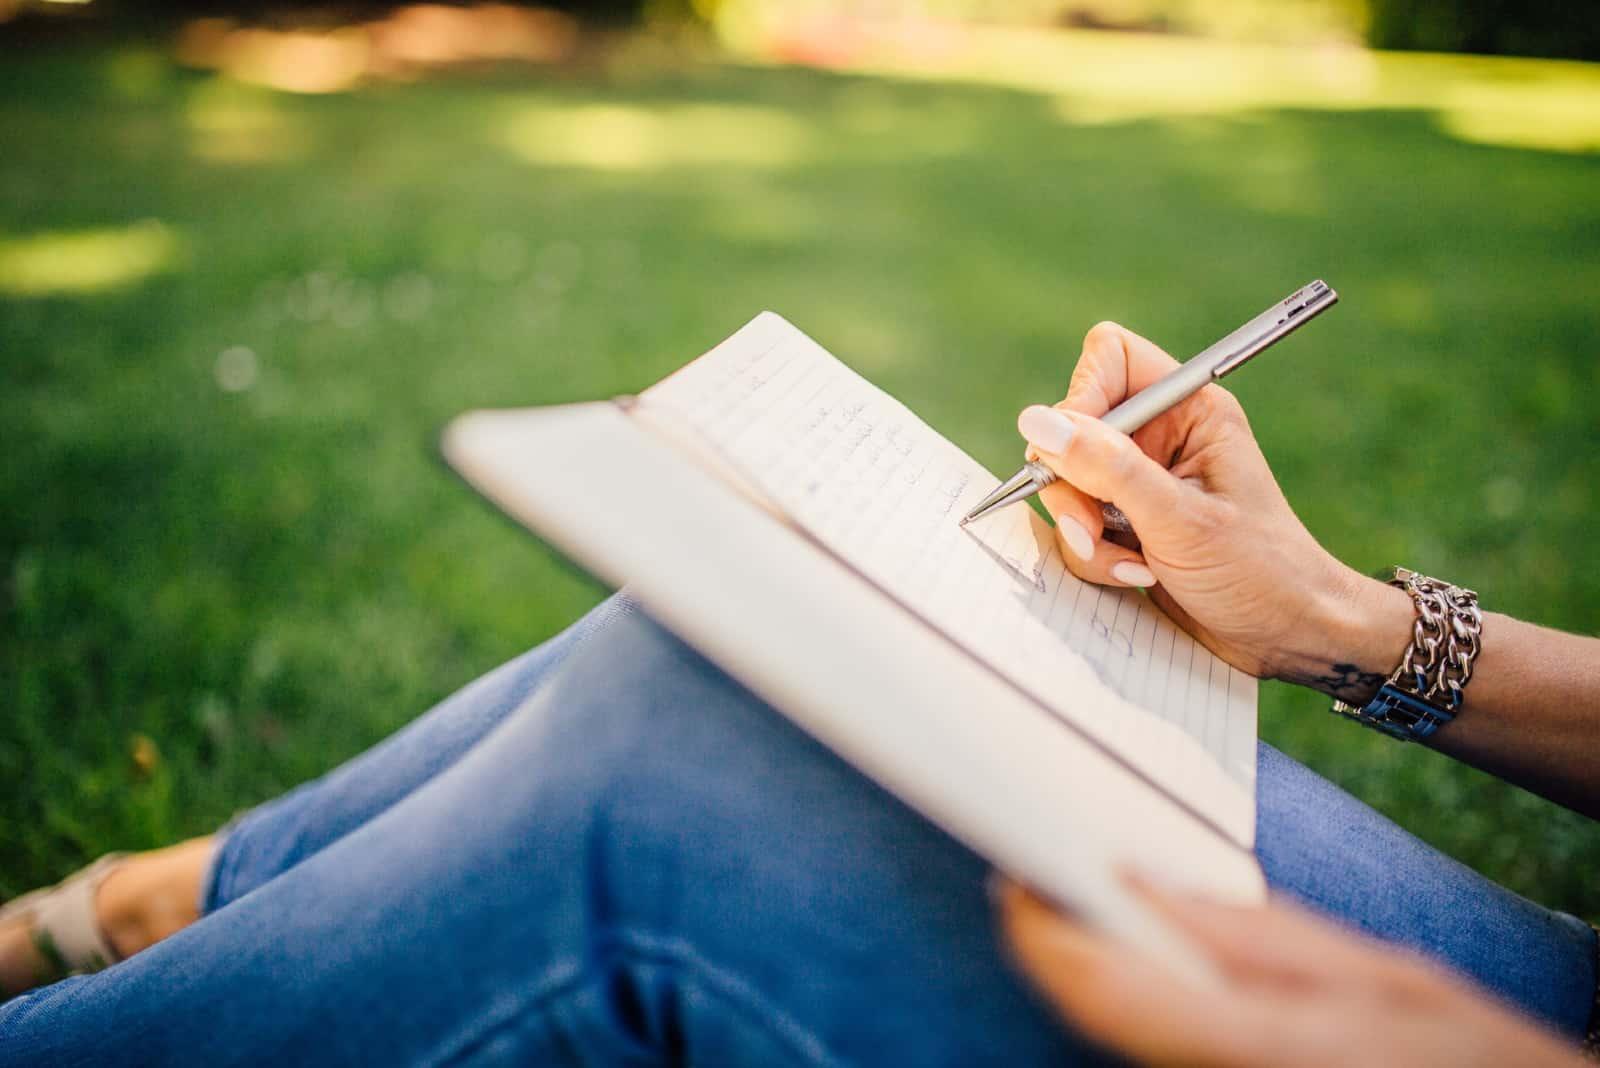 femme écriture séance sur herbe